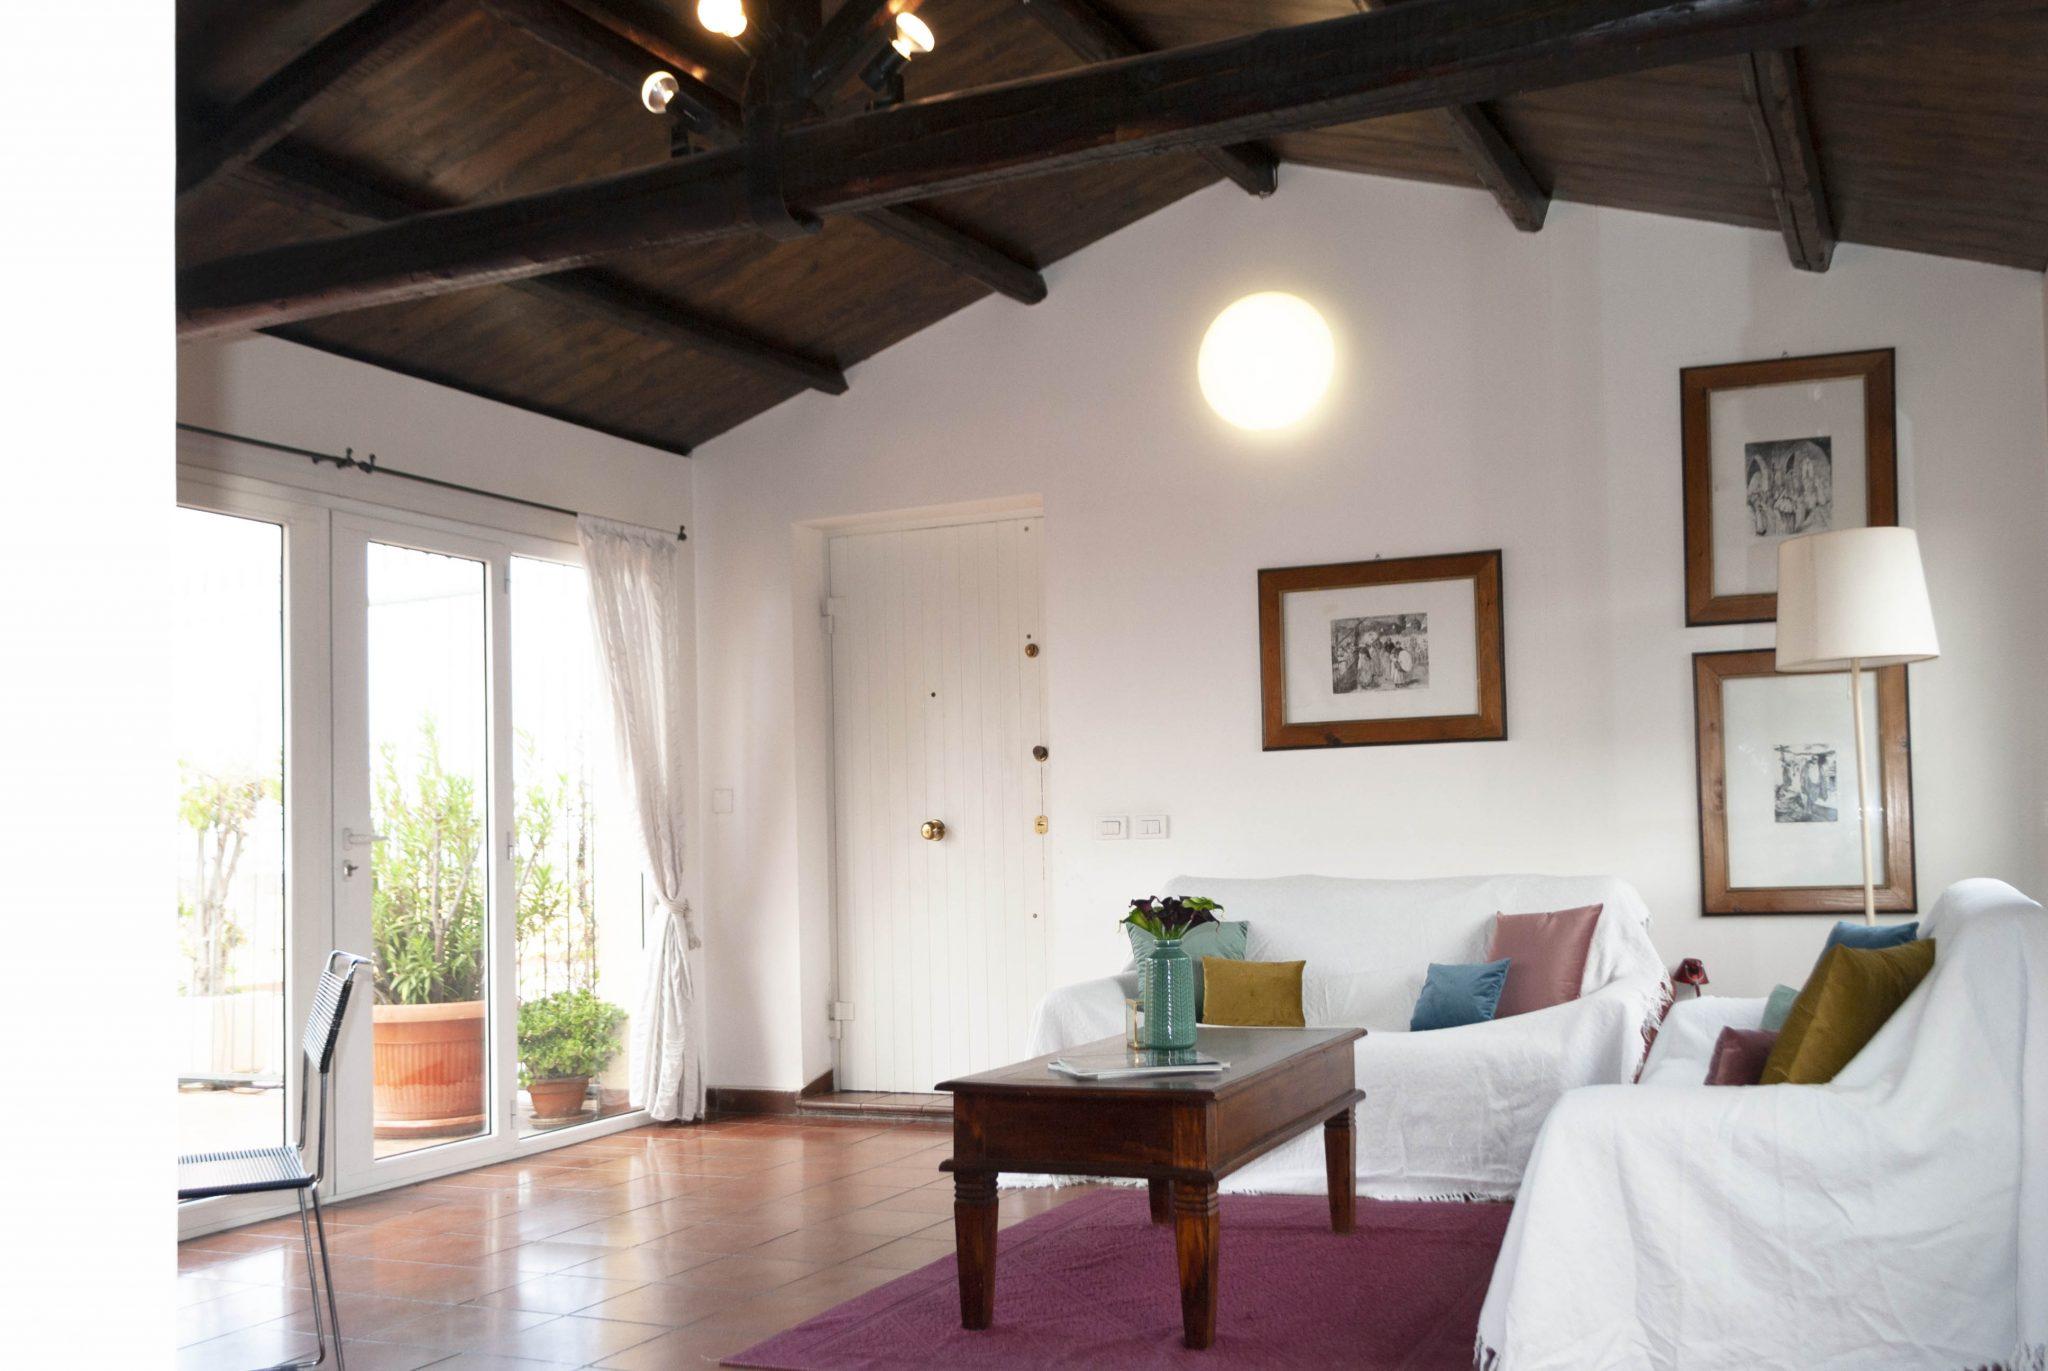 Eminas Immobiliare salone bianco - Le Plume